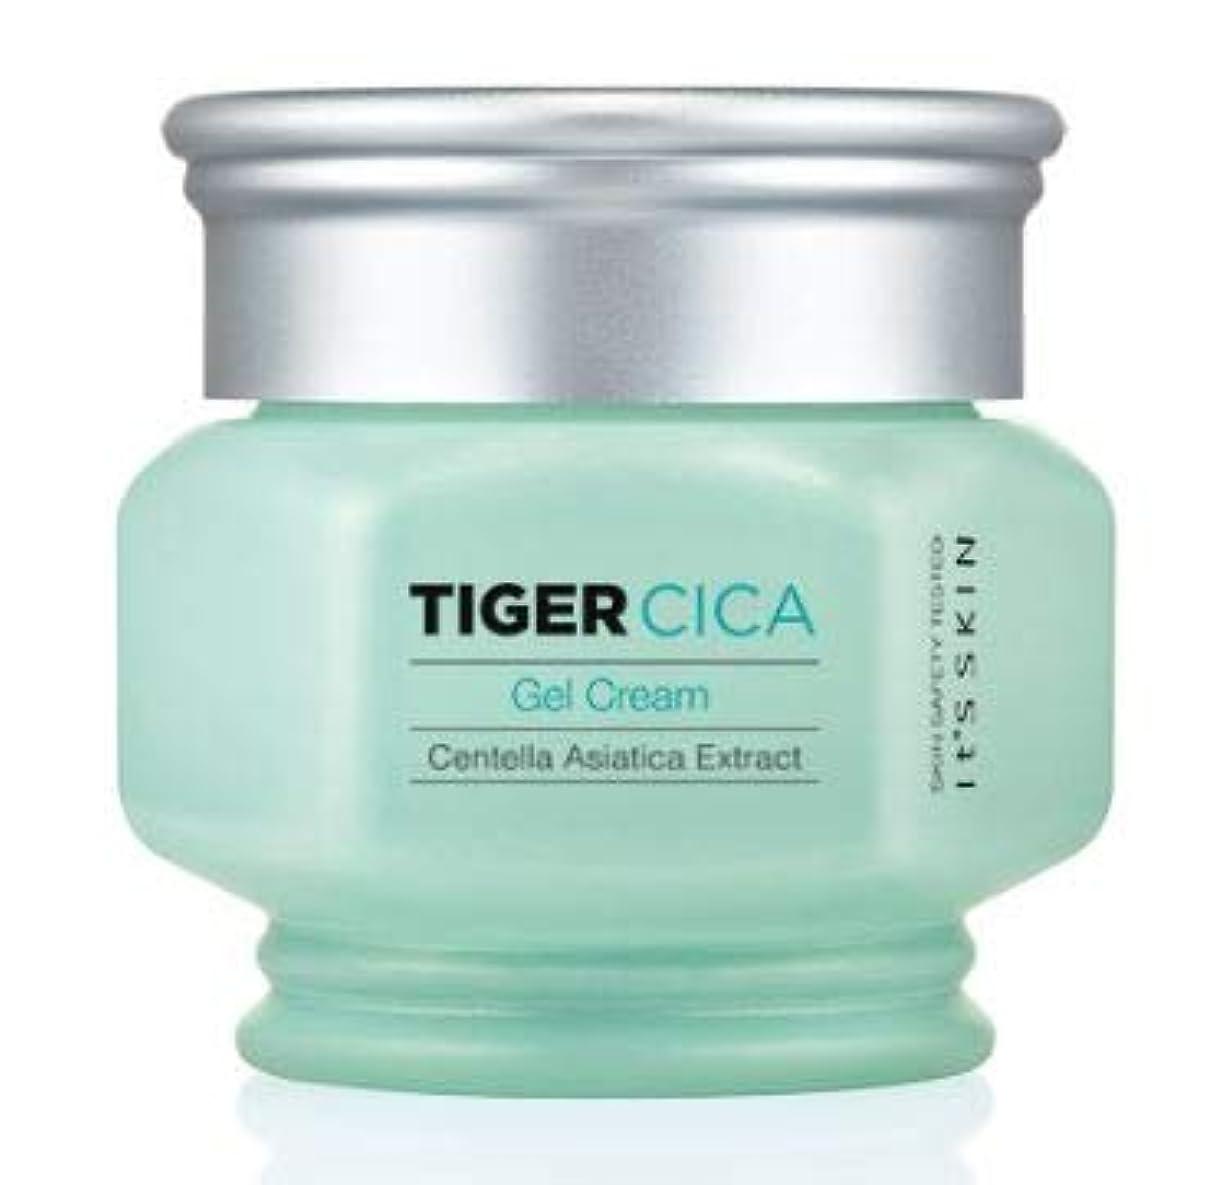 書く編集する酸っぱい[It's Skin] Tiger Cica Gel Cream /[イッツスキン] タイガーシカ ジェル クリーム [並行輸入品]